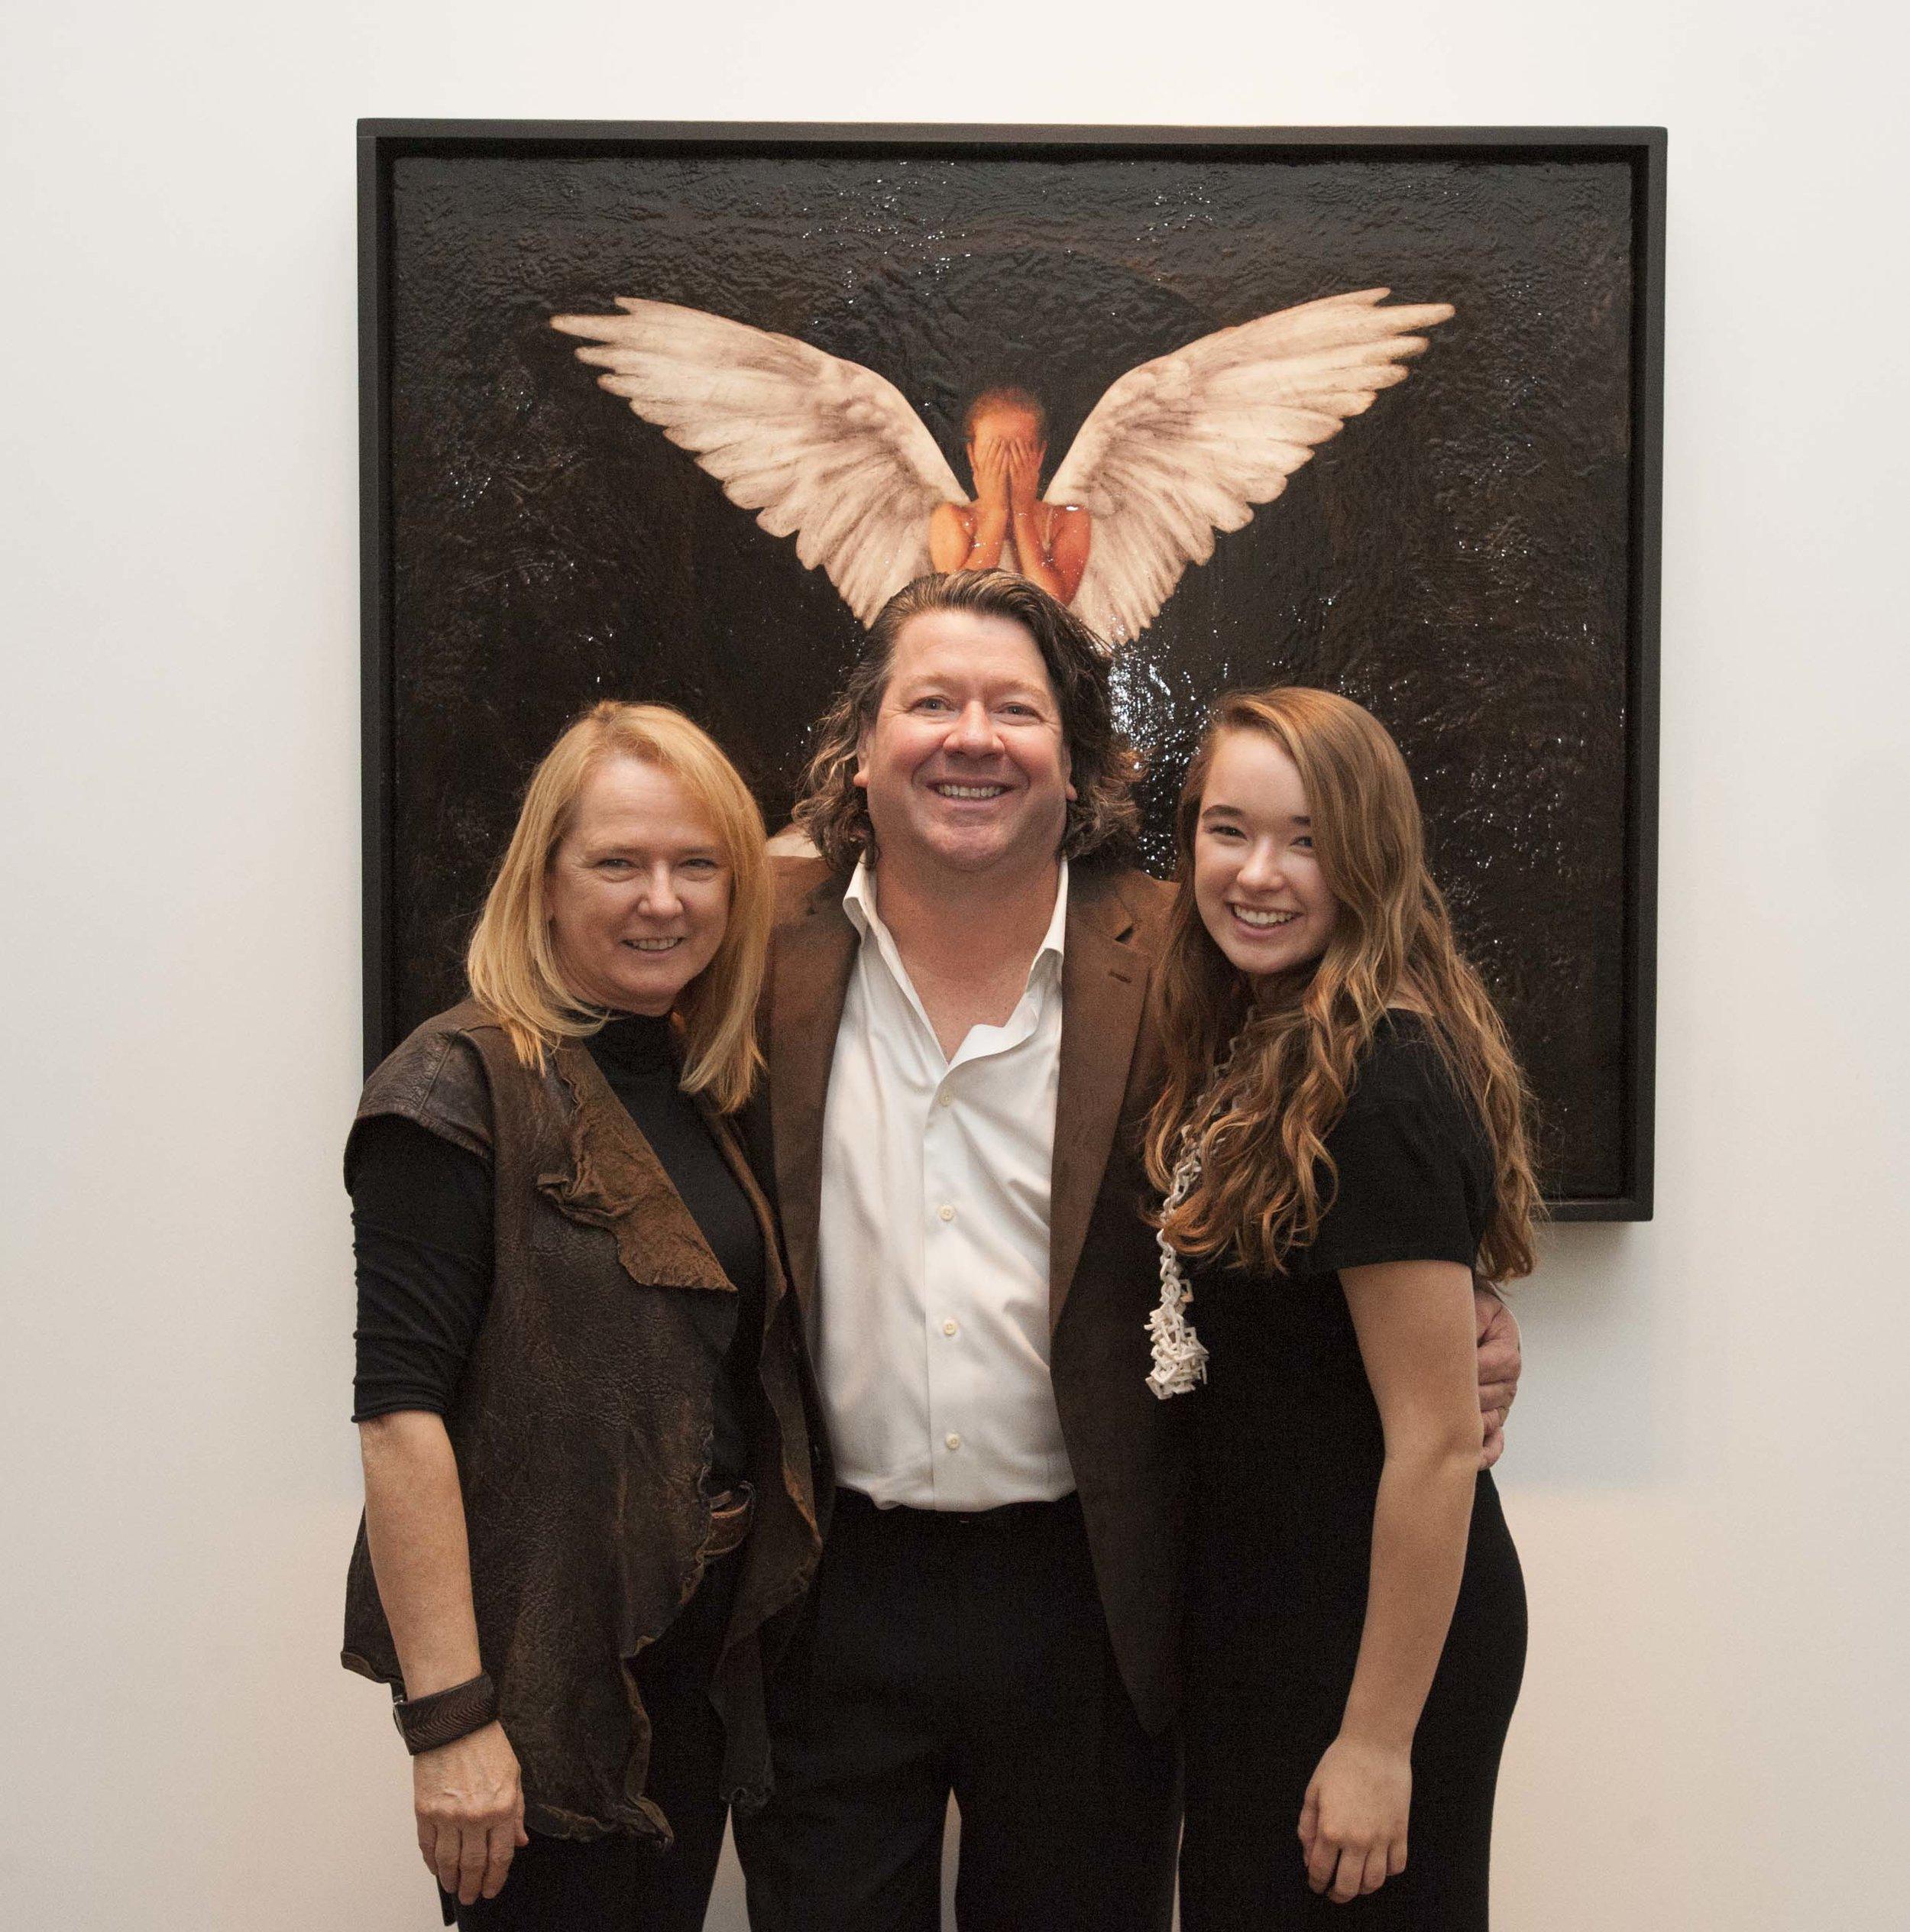 Angels on Earth Bill Lowe Gallery 40.JPG